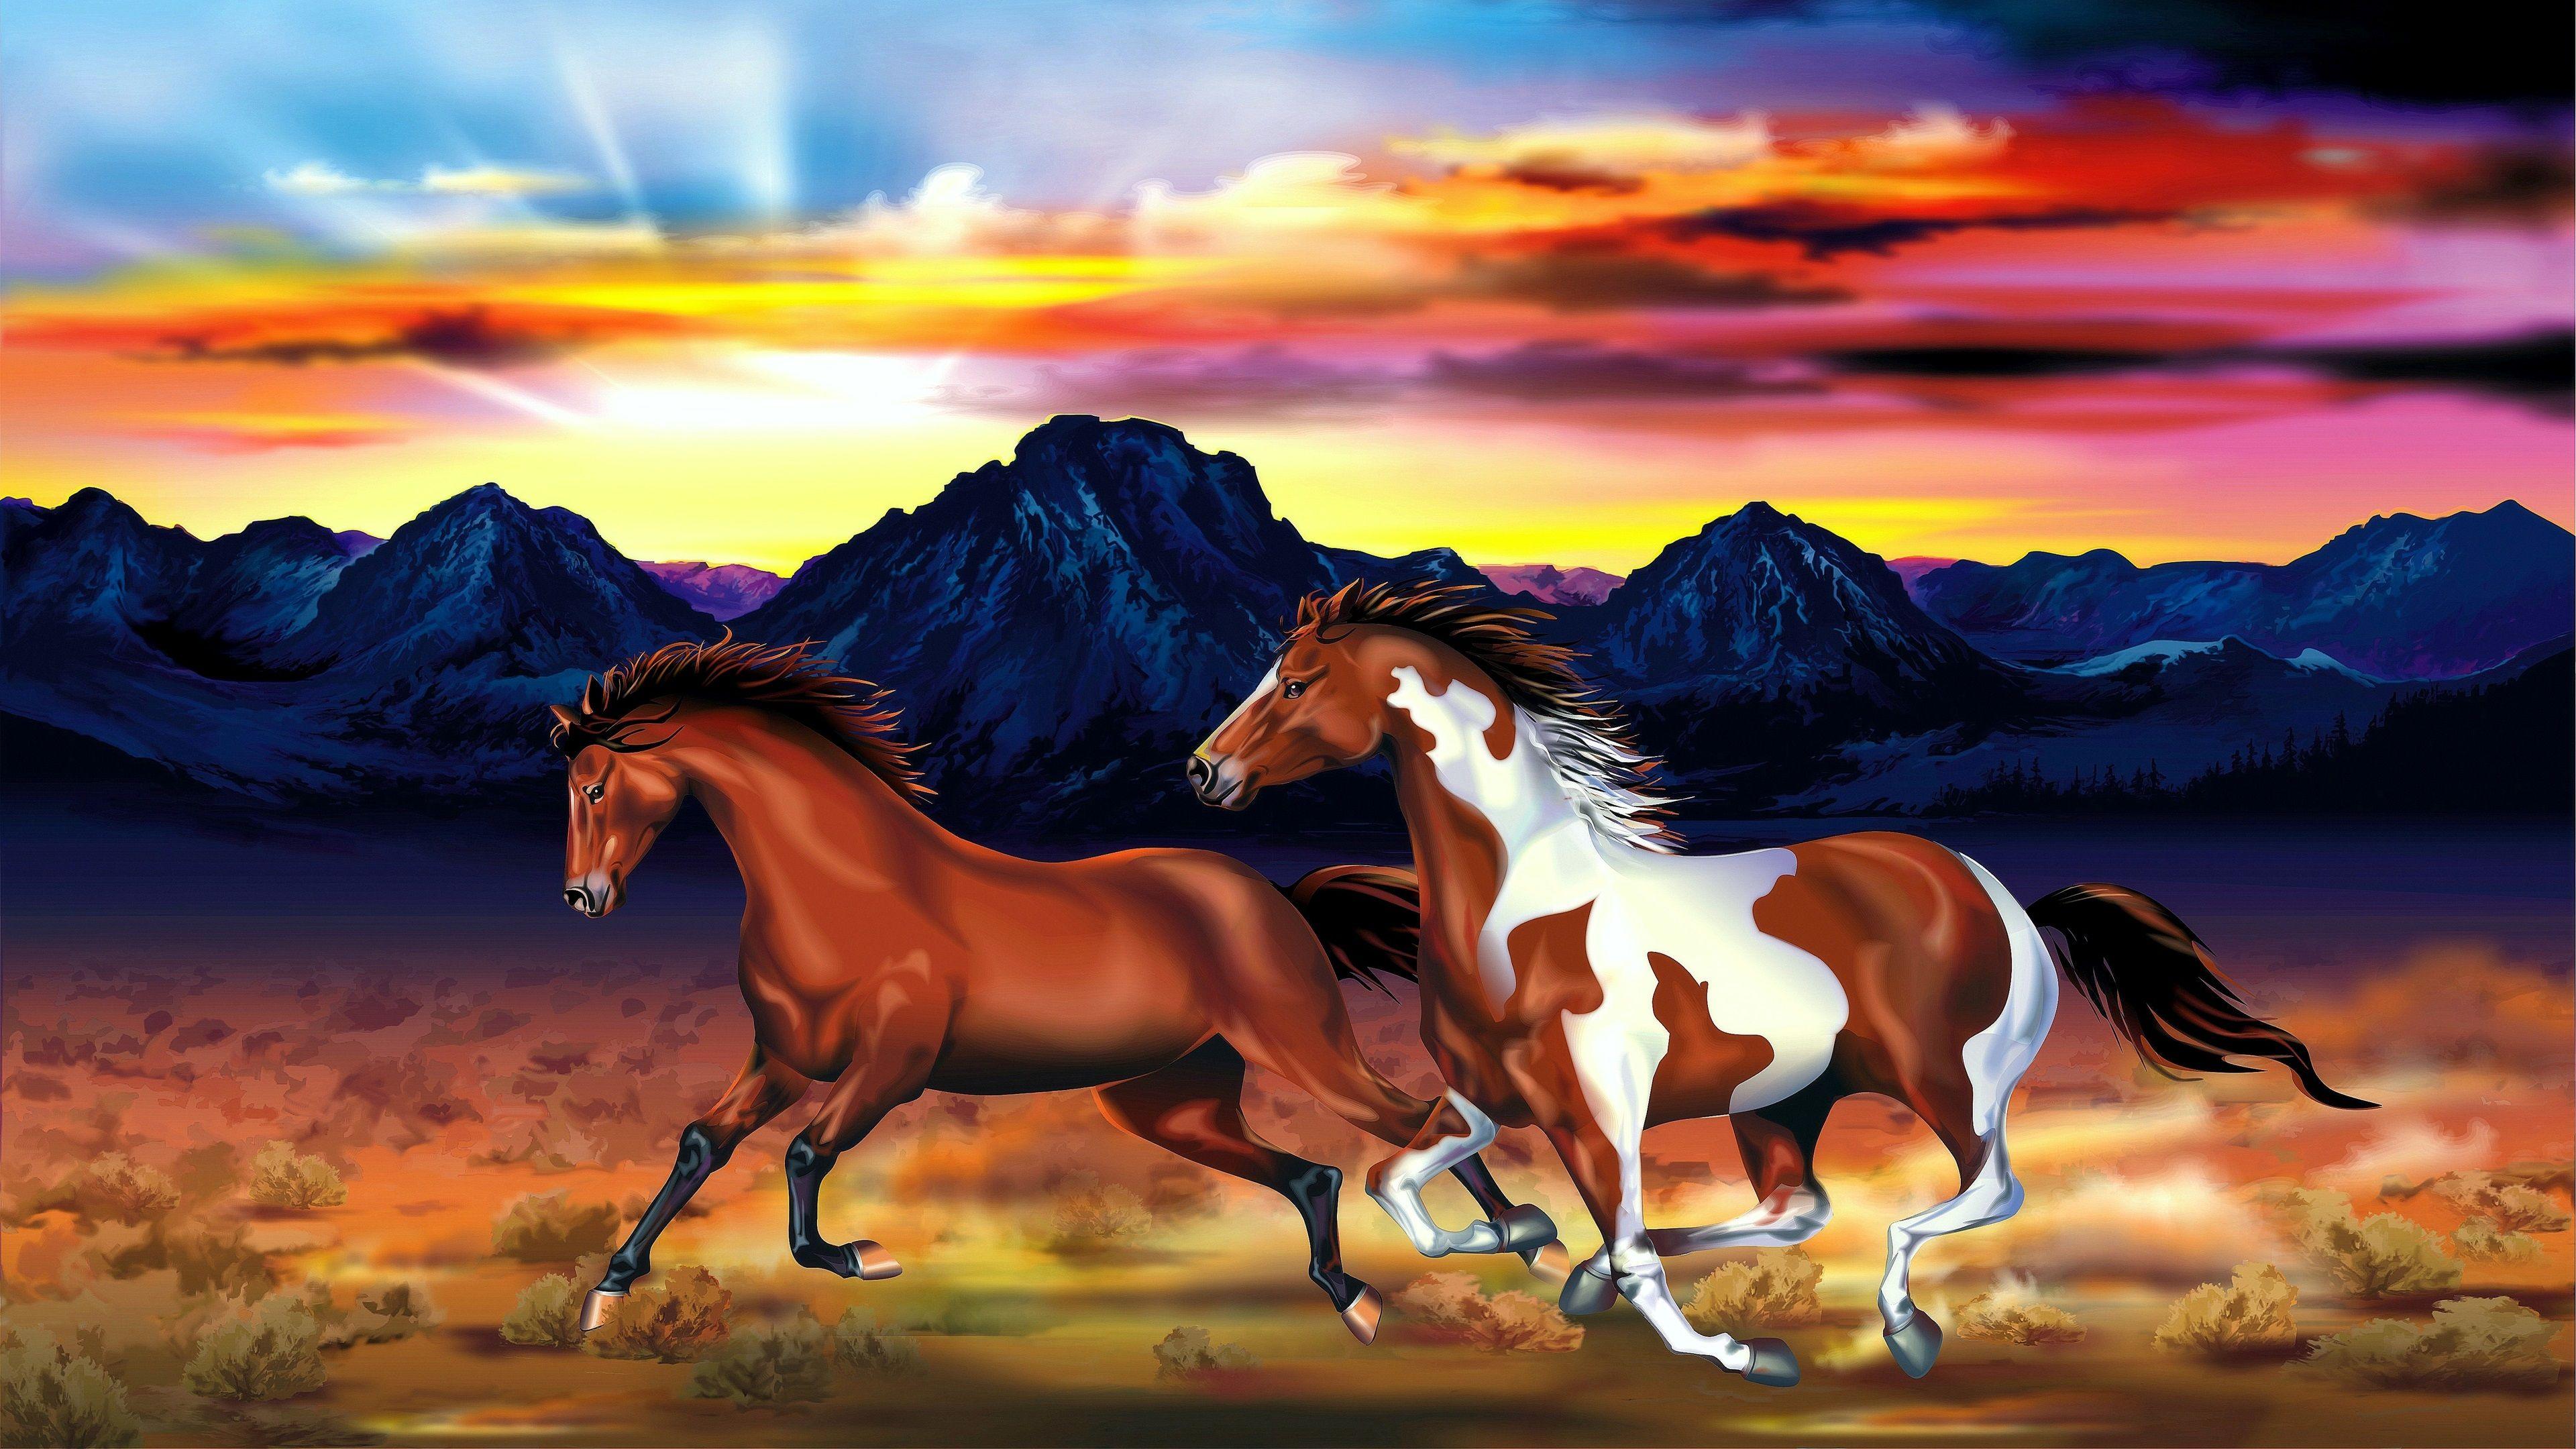 3840x2160 Uhd 4k Hintergrundbilder Deux Chevaux Montagnes Ciel Rouge Coucher De Soleil Dessin D Ar Coucher De Soleil Douche Rustique Peinture Salle De Bain